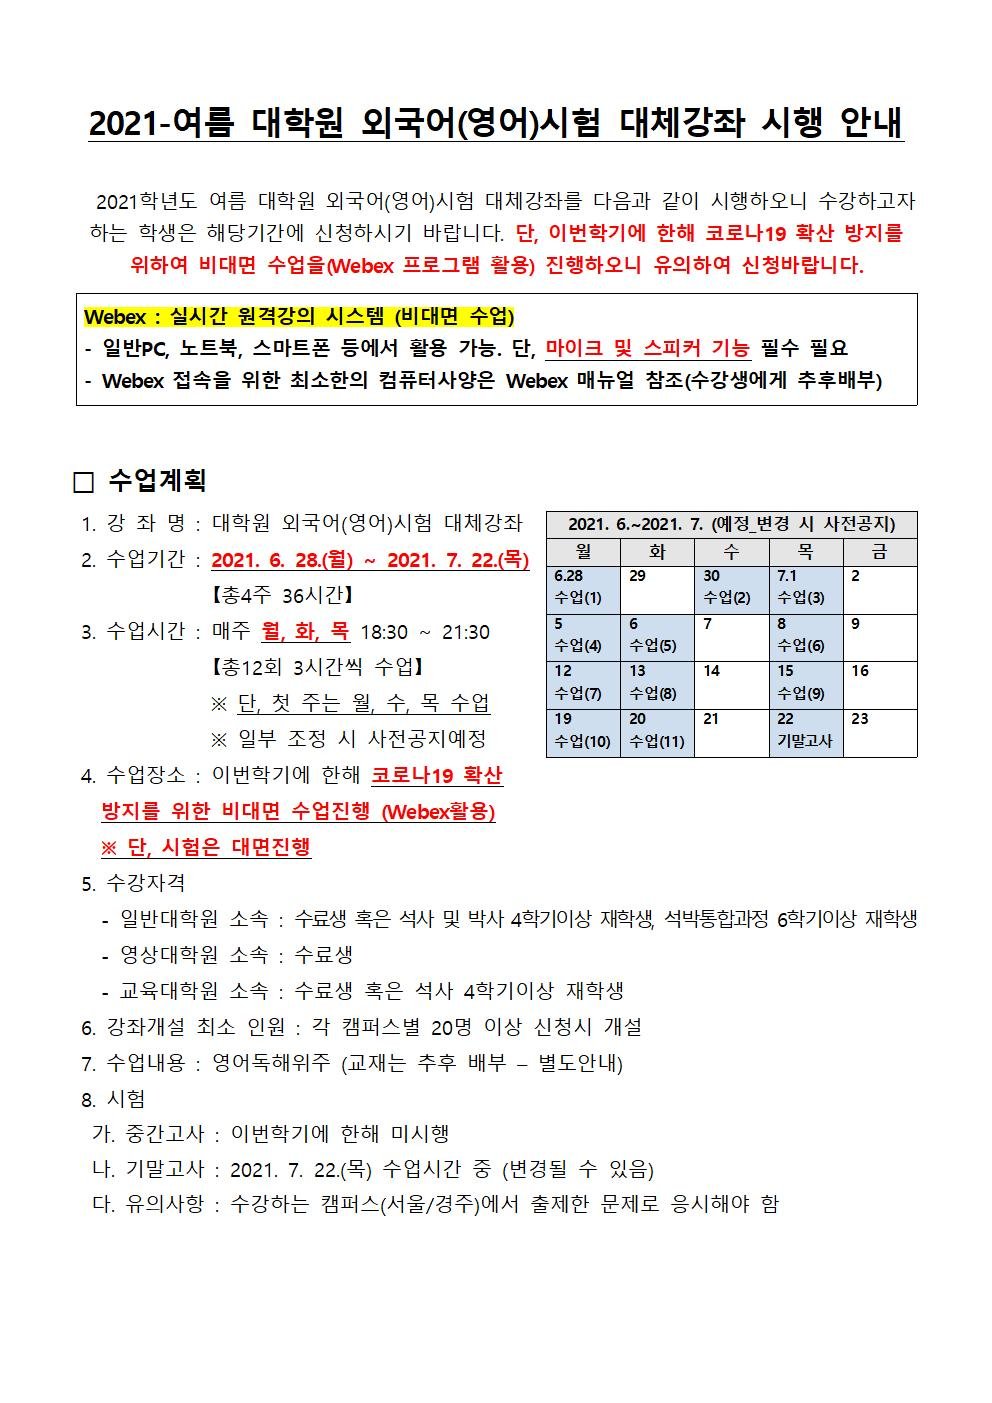 2. 외국어(영어)시험 대체강좌 시행 안내문(공지용)_일정변경001